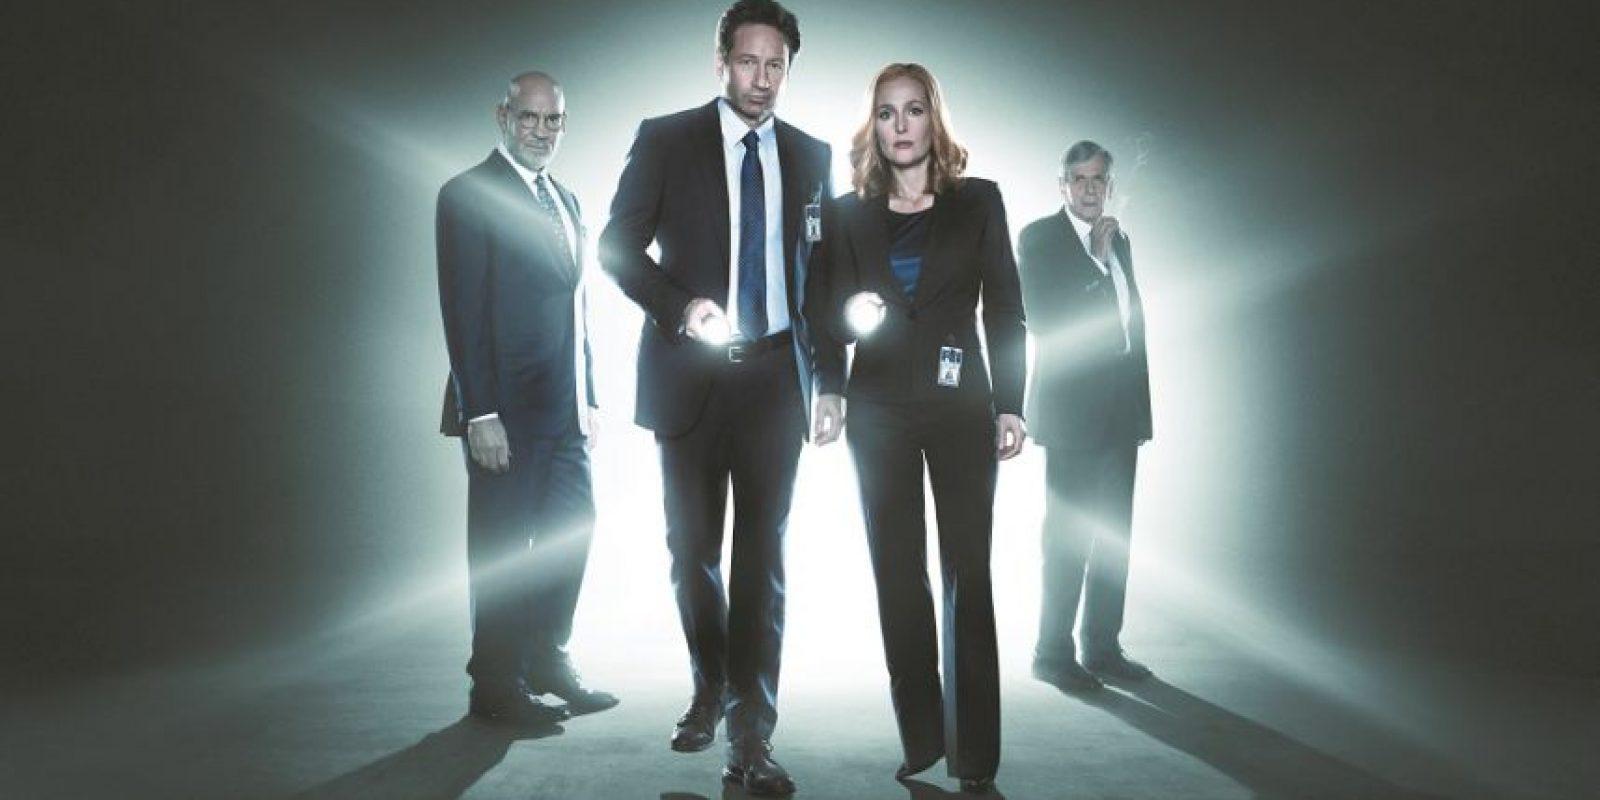 1- X-Files. Considerada una de las grandes series de la década de 1990, The X-Files está de vuelta después de 13 años. Esta nueva temporada seguirá con las investigaciones de casos sobre extraterrestres y actividades paranormales, pero también se incluyen temas de actualidad, como problemas en el gobierno y videos de vigilancia. Ah, y los famosos protagonistas siguen siendo los mismos: Los agentes Fox Mulder (David Duchovny) y Dana Scully (Gillian Anderson). Estreno: 25 de enero. Foto:MetroRD